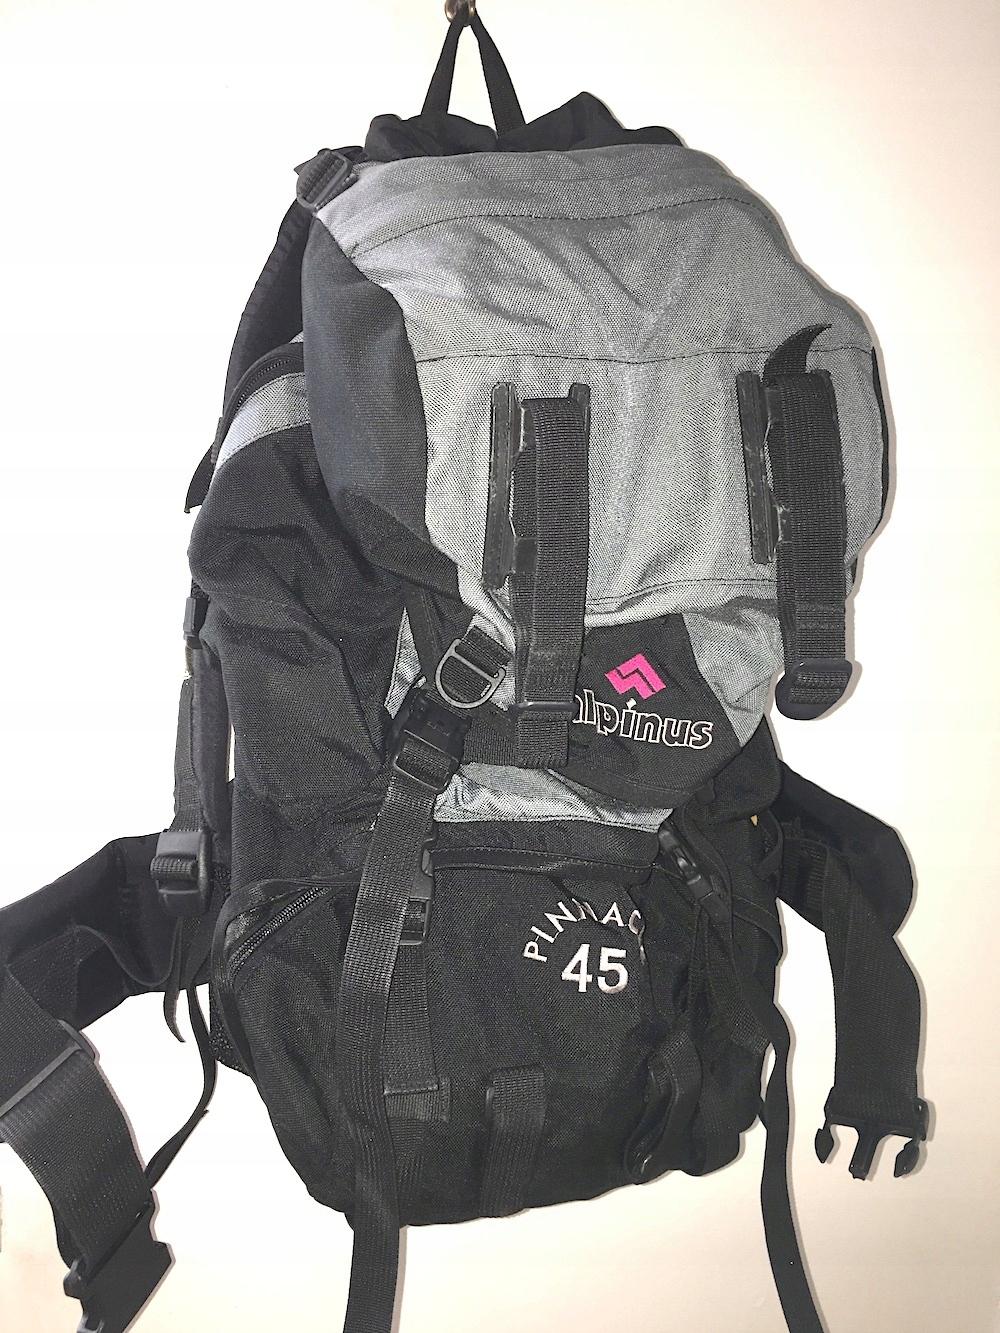 8cc715aa3034f Plecak Alpinus Pinnacle 45 używany - 7564197699 - oficjalne archiwum ...